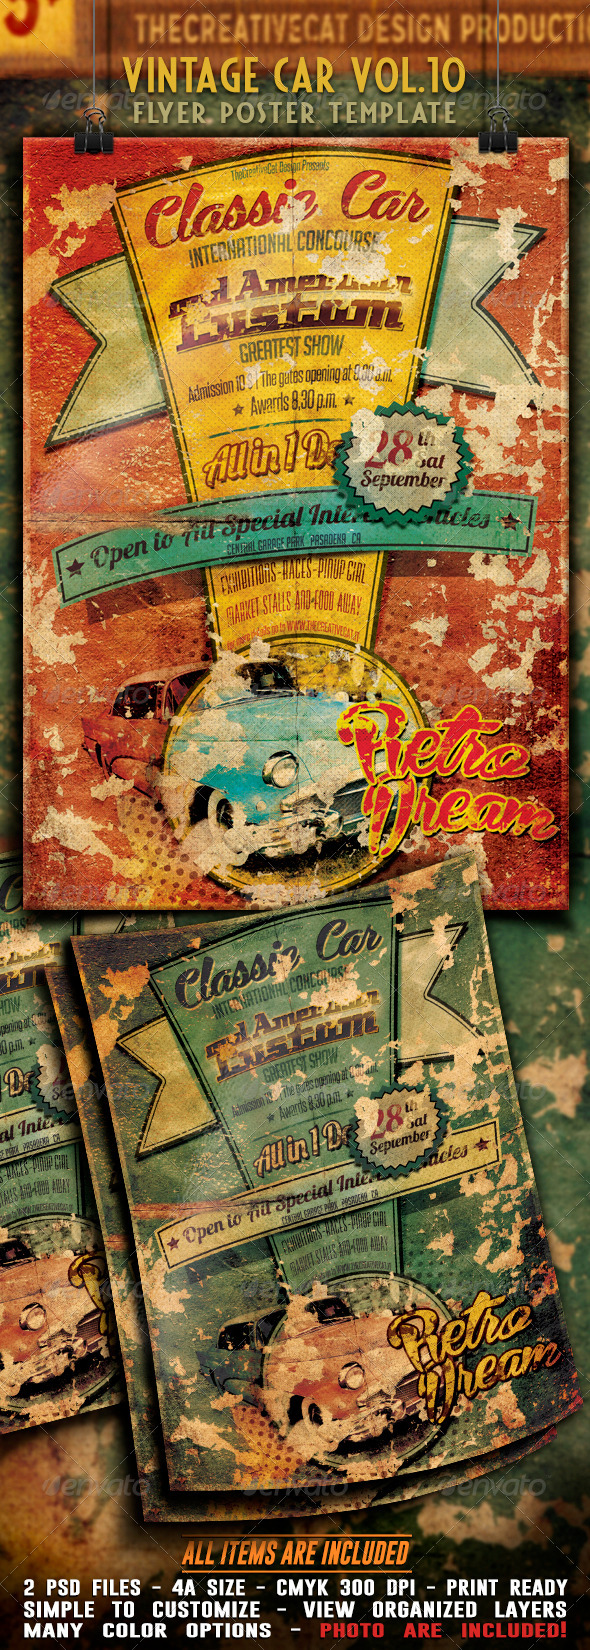 GraphicRiver Vintage Car Flyer Poster Vol 10 7867370